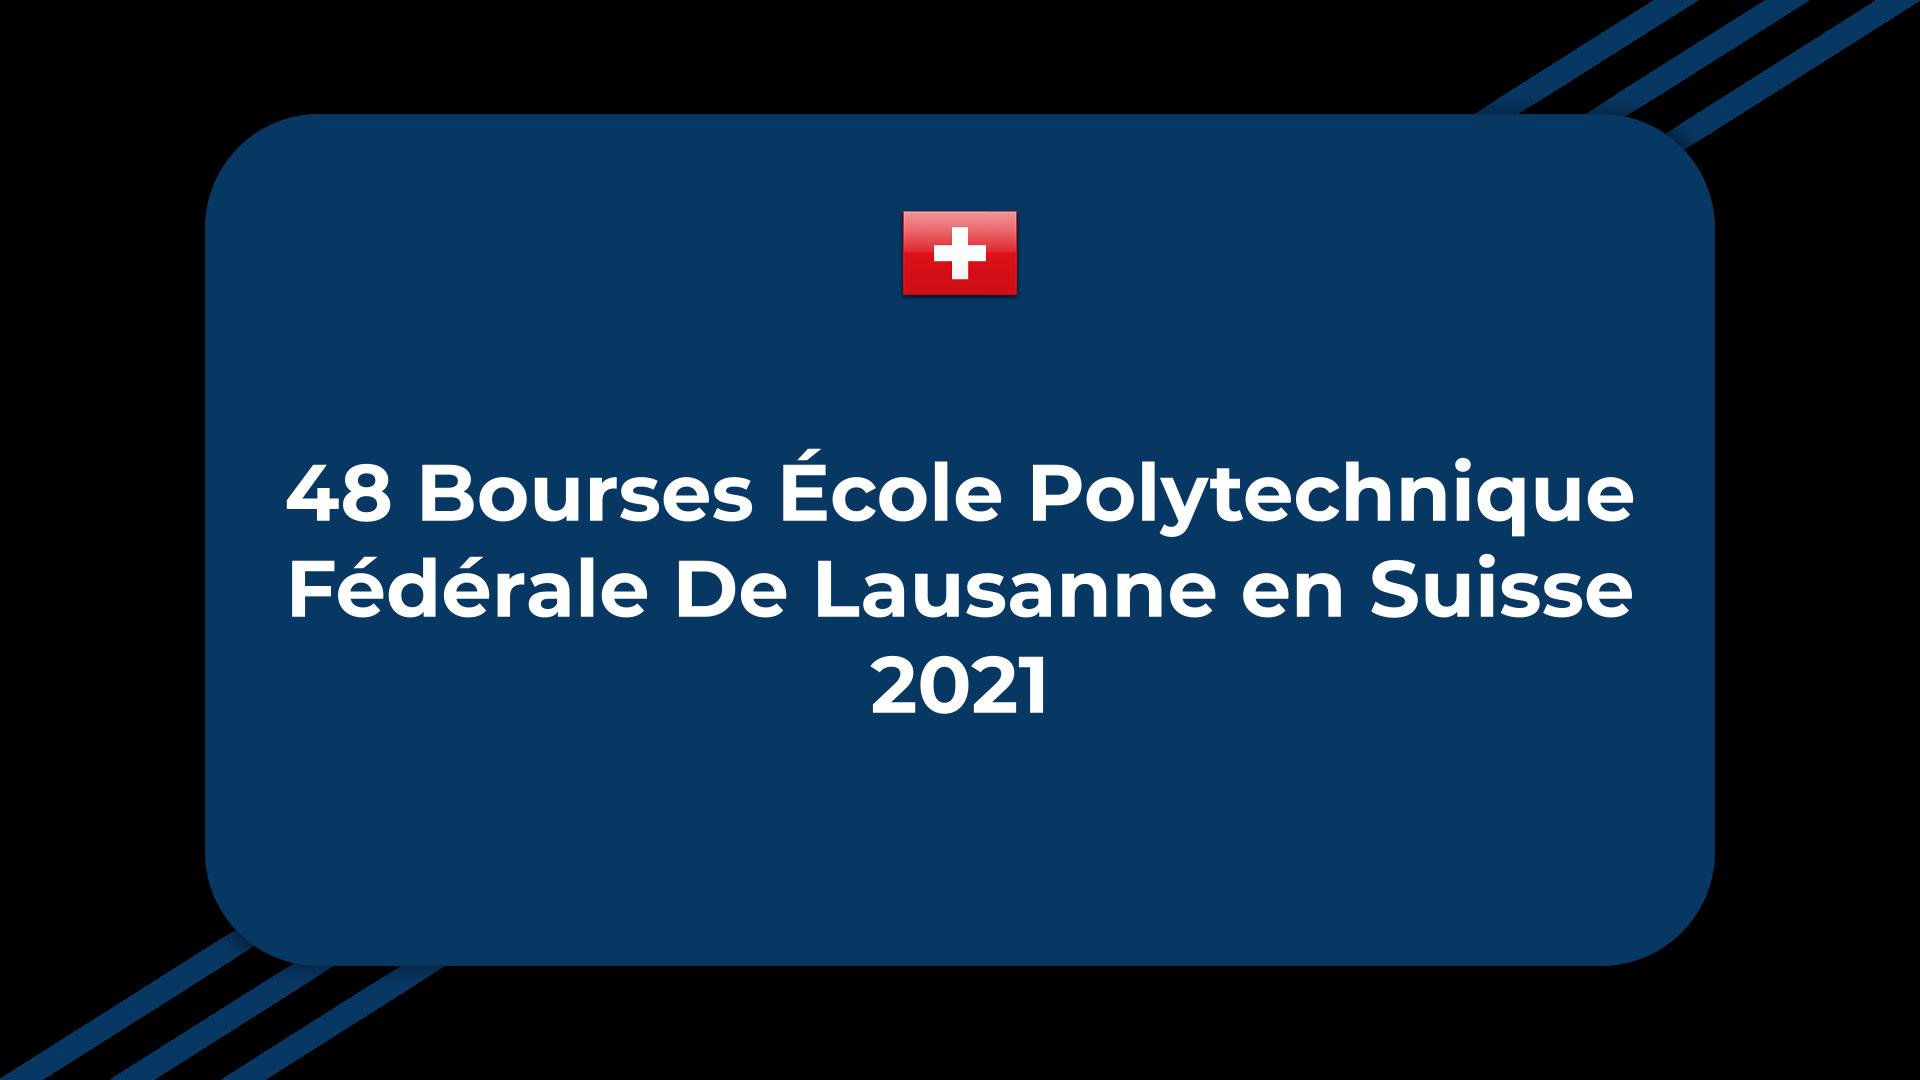 Bourses École Polytechnique Fédérale De Lausanne